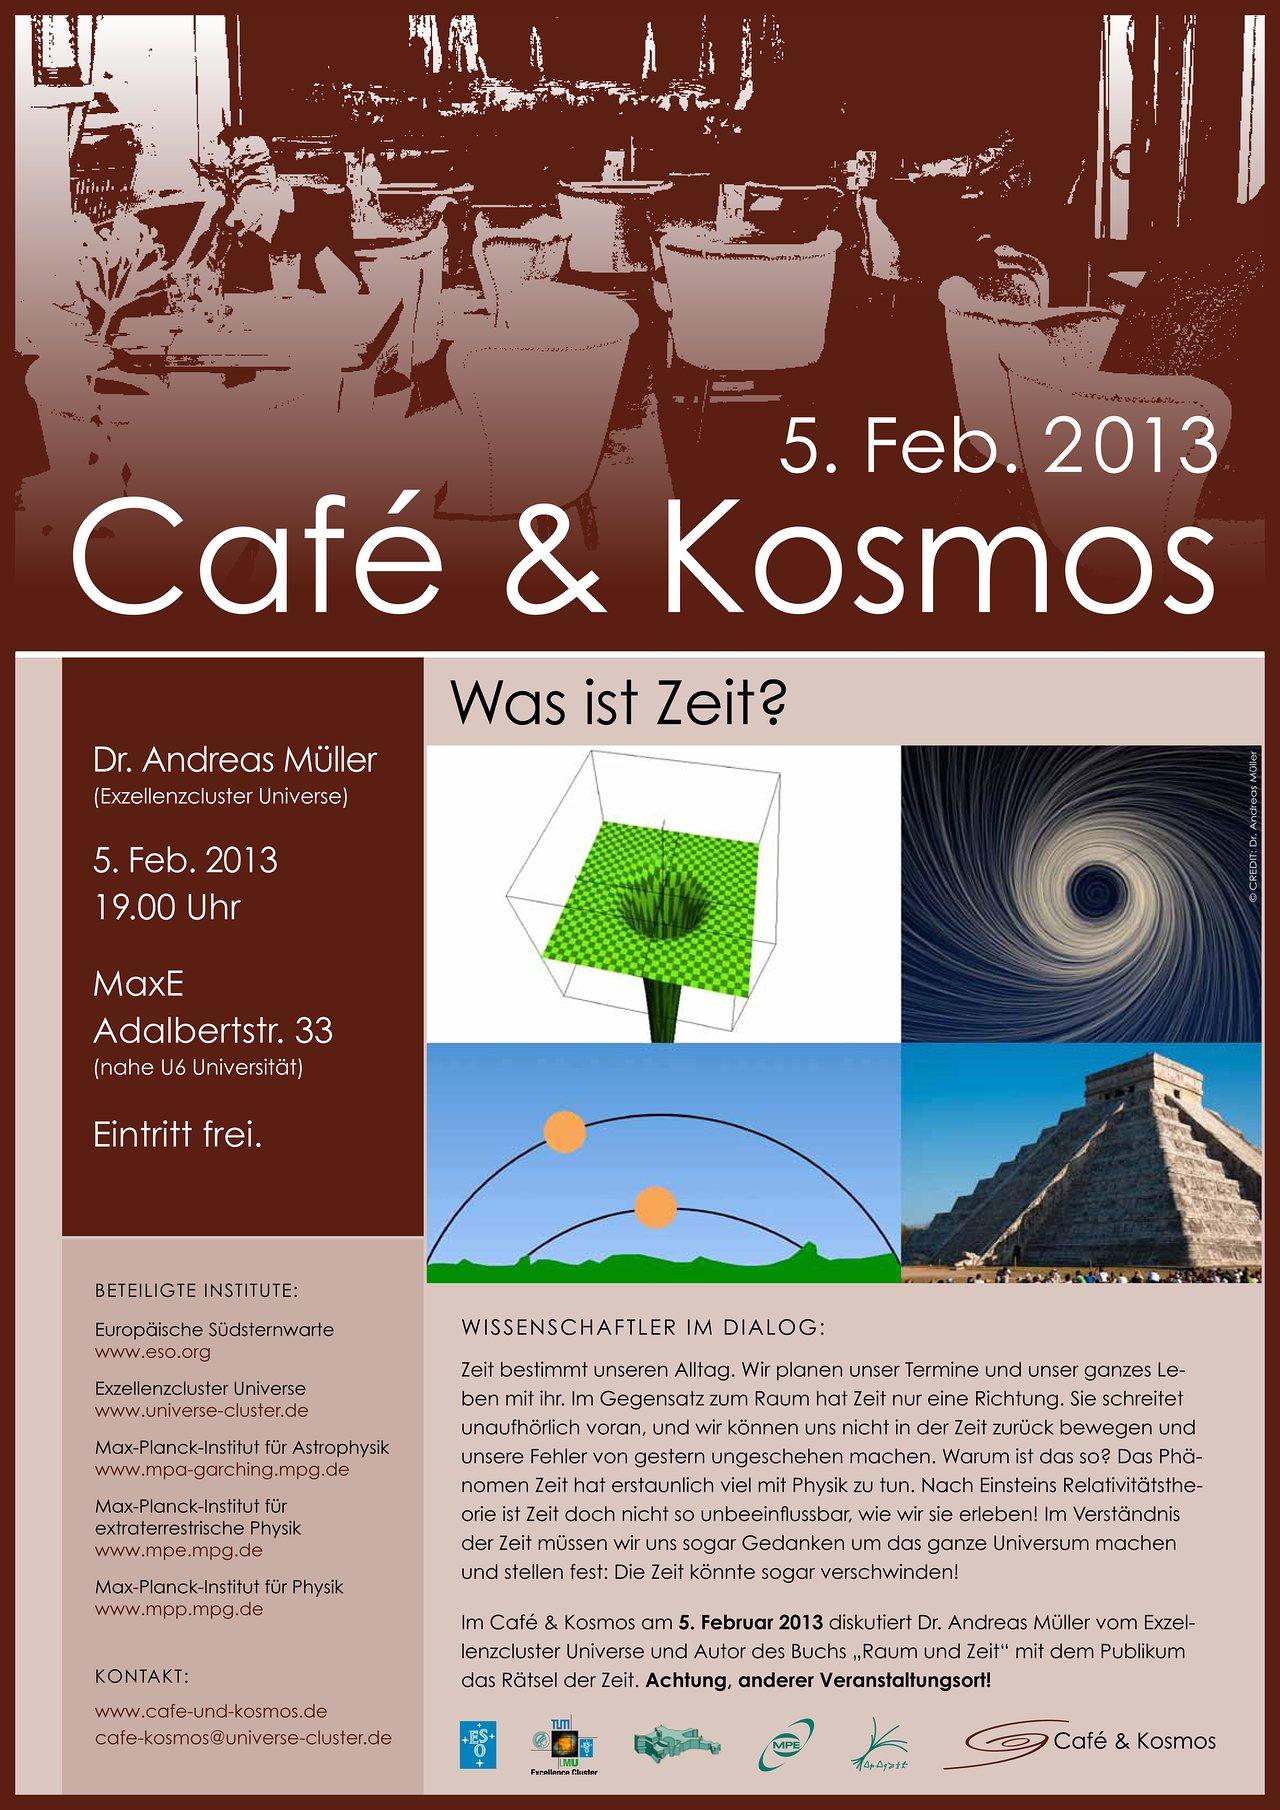 Poster of Café & Kosmos 5 February 2013